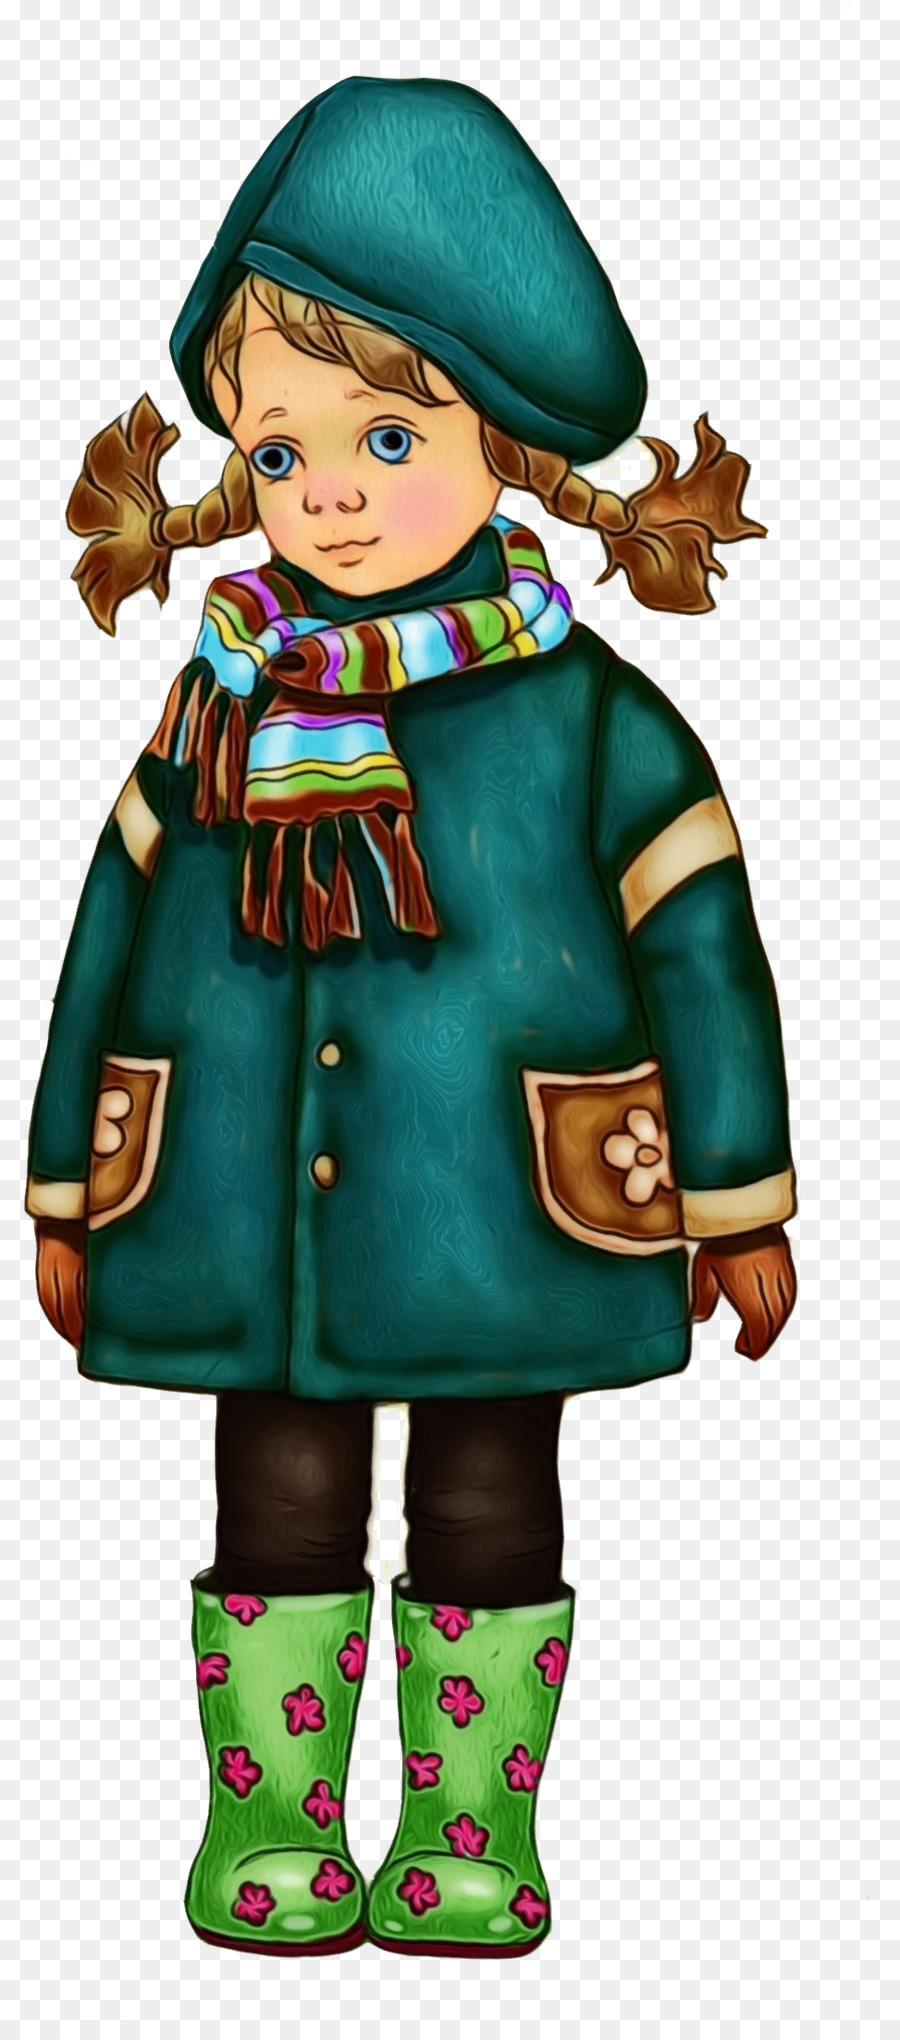 Одежда на осень картинки для детей